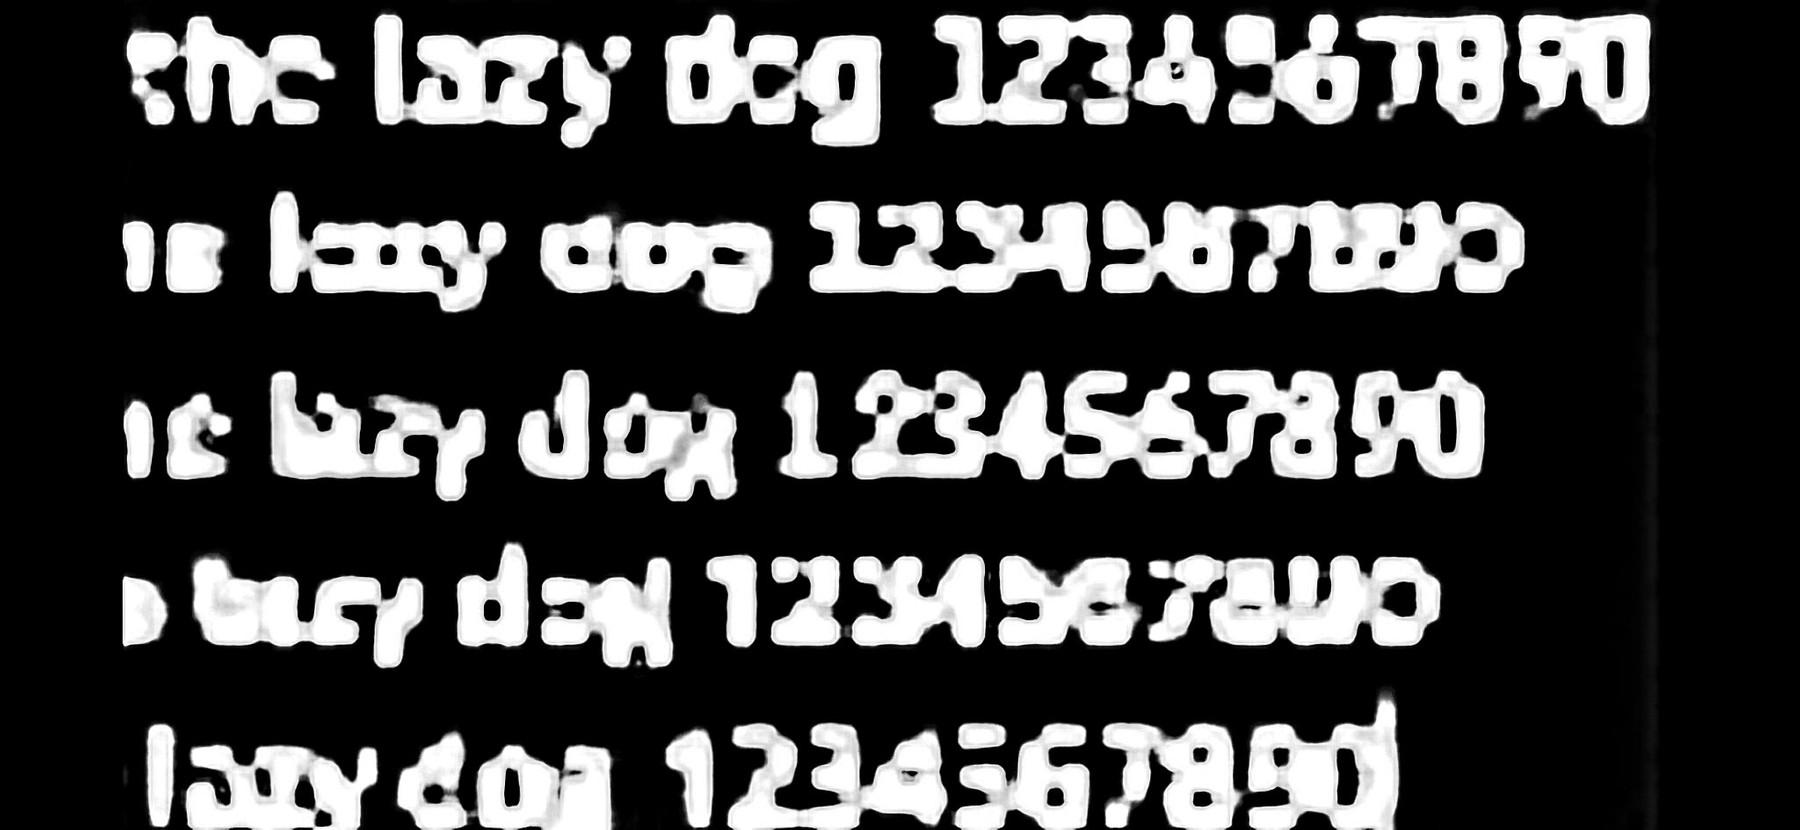 e0bd-2uwuaeqtkn?format=jpg-name=large